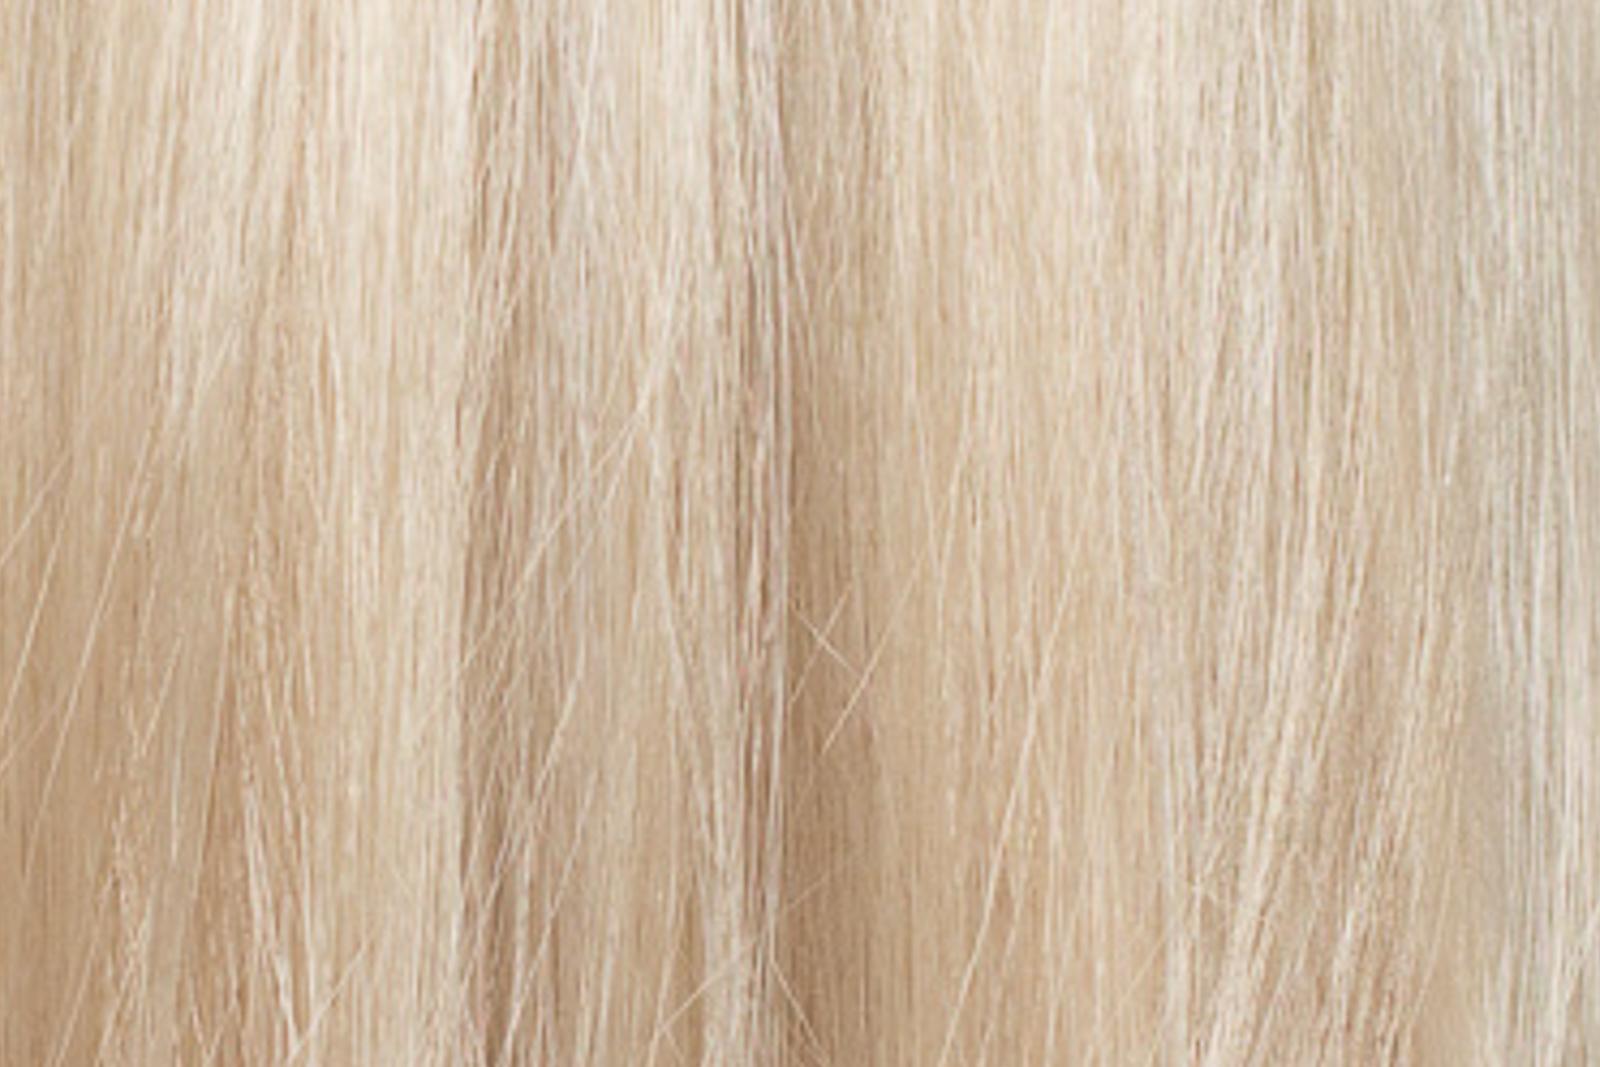 22-034-DONNE-3-4-Parrucca-MEZZE-Fall-Clip-in-su-ciocca-di-capelli-CENERE-BIONDO-3